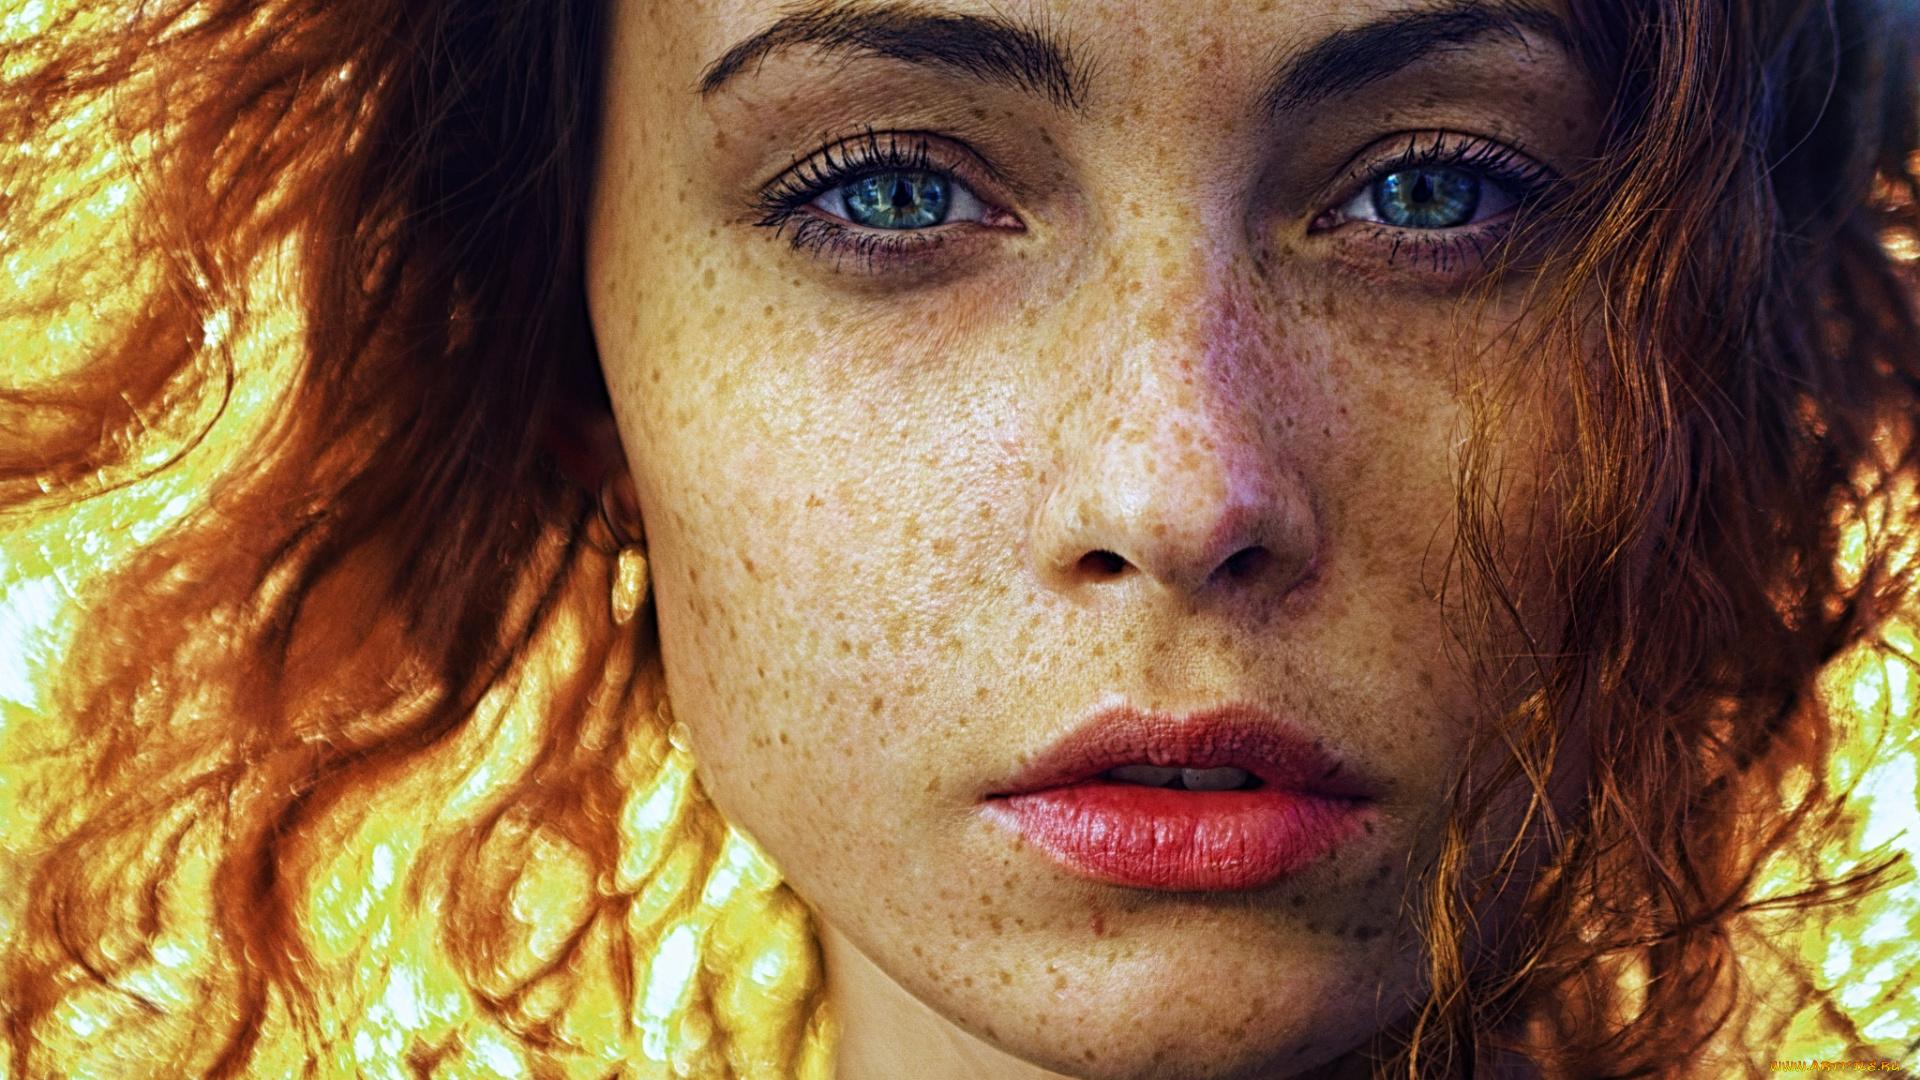 facial-freckles-girl-men-porn